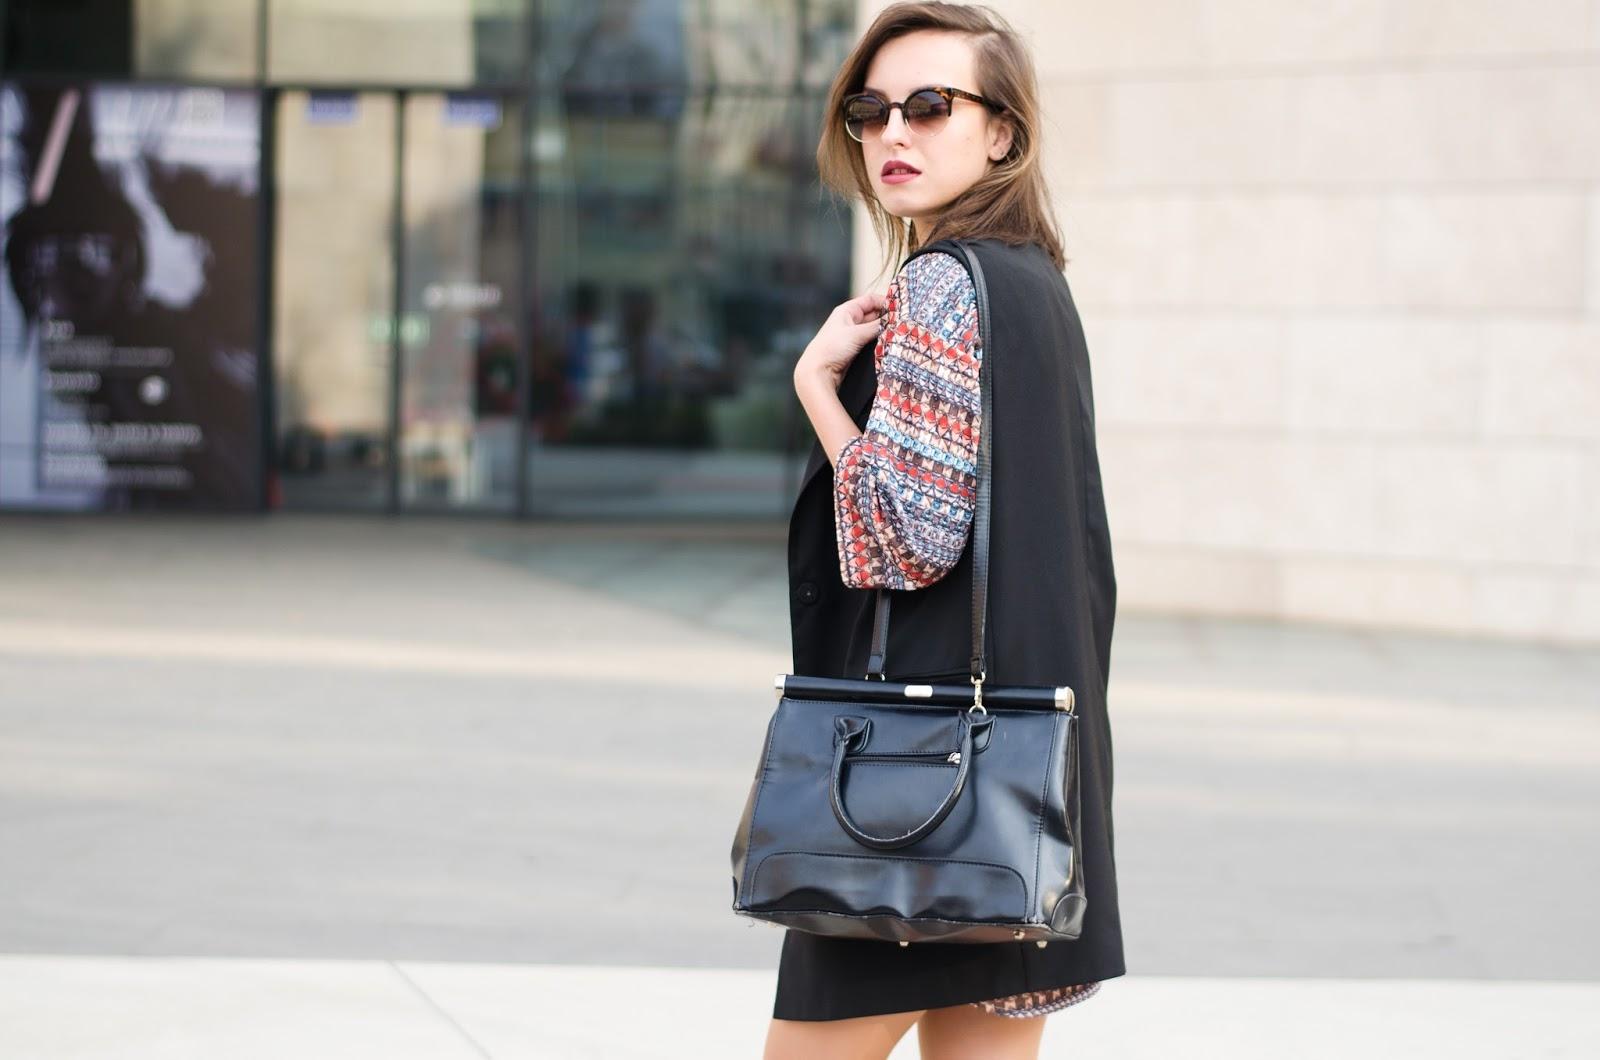 Boho pattern dress, black vest, laced up high heels